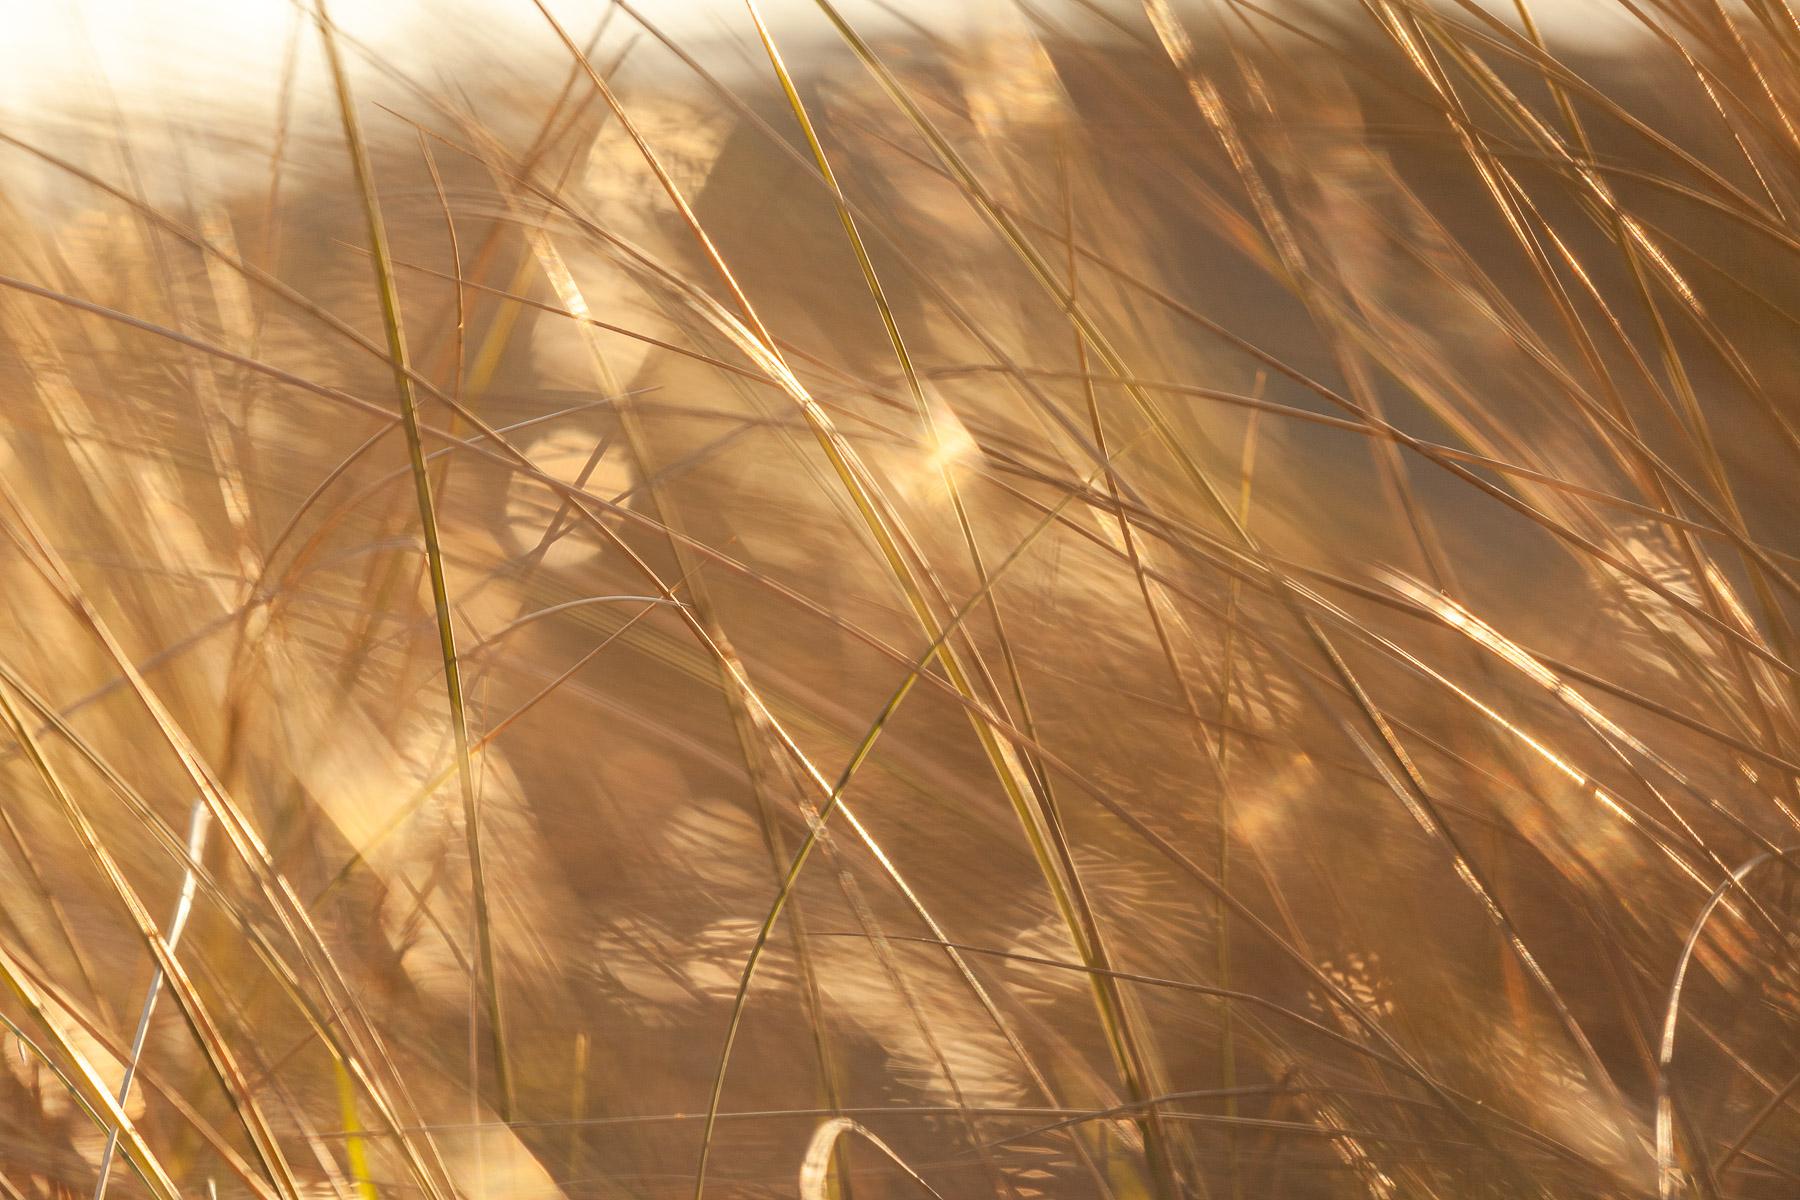 glenn vanderbeke, landschapsfotografie, landschapsfotograaf, foto uitstap, foto dagtrip, fotografische dagtrip, west-vlaamse fotografen, west-vlaamse fotograaf, Foto uitstap, Vlaanderen, West-Vlaanderen, Duinwandeling, duinbeleving, duinwandeling koksijde, foto uitstap Koksijde, wat te doen Koksijde, wat te zien Koksijde, fotografie Koksijde, duinfotografie, Foto's duinen, Fotografie duinen